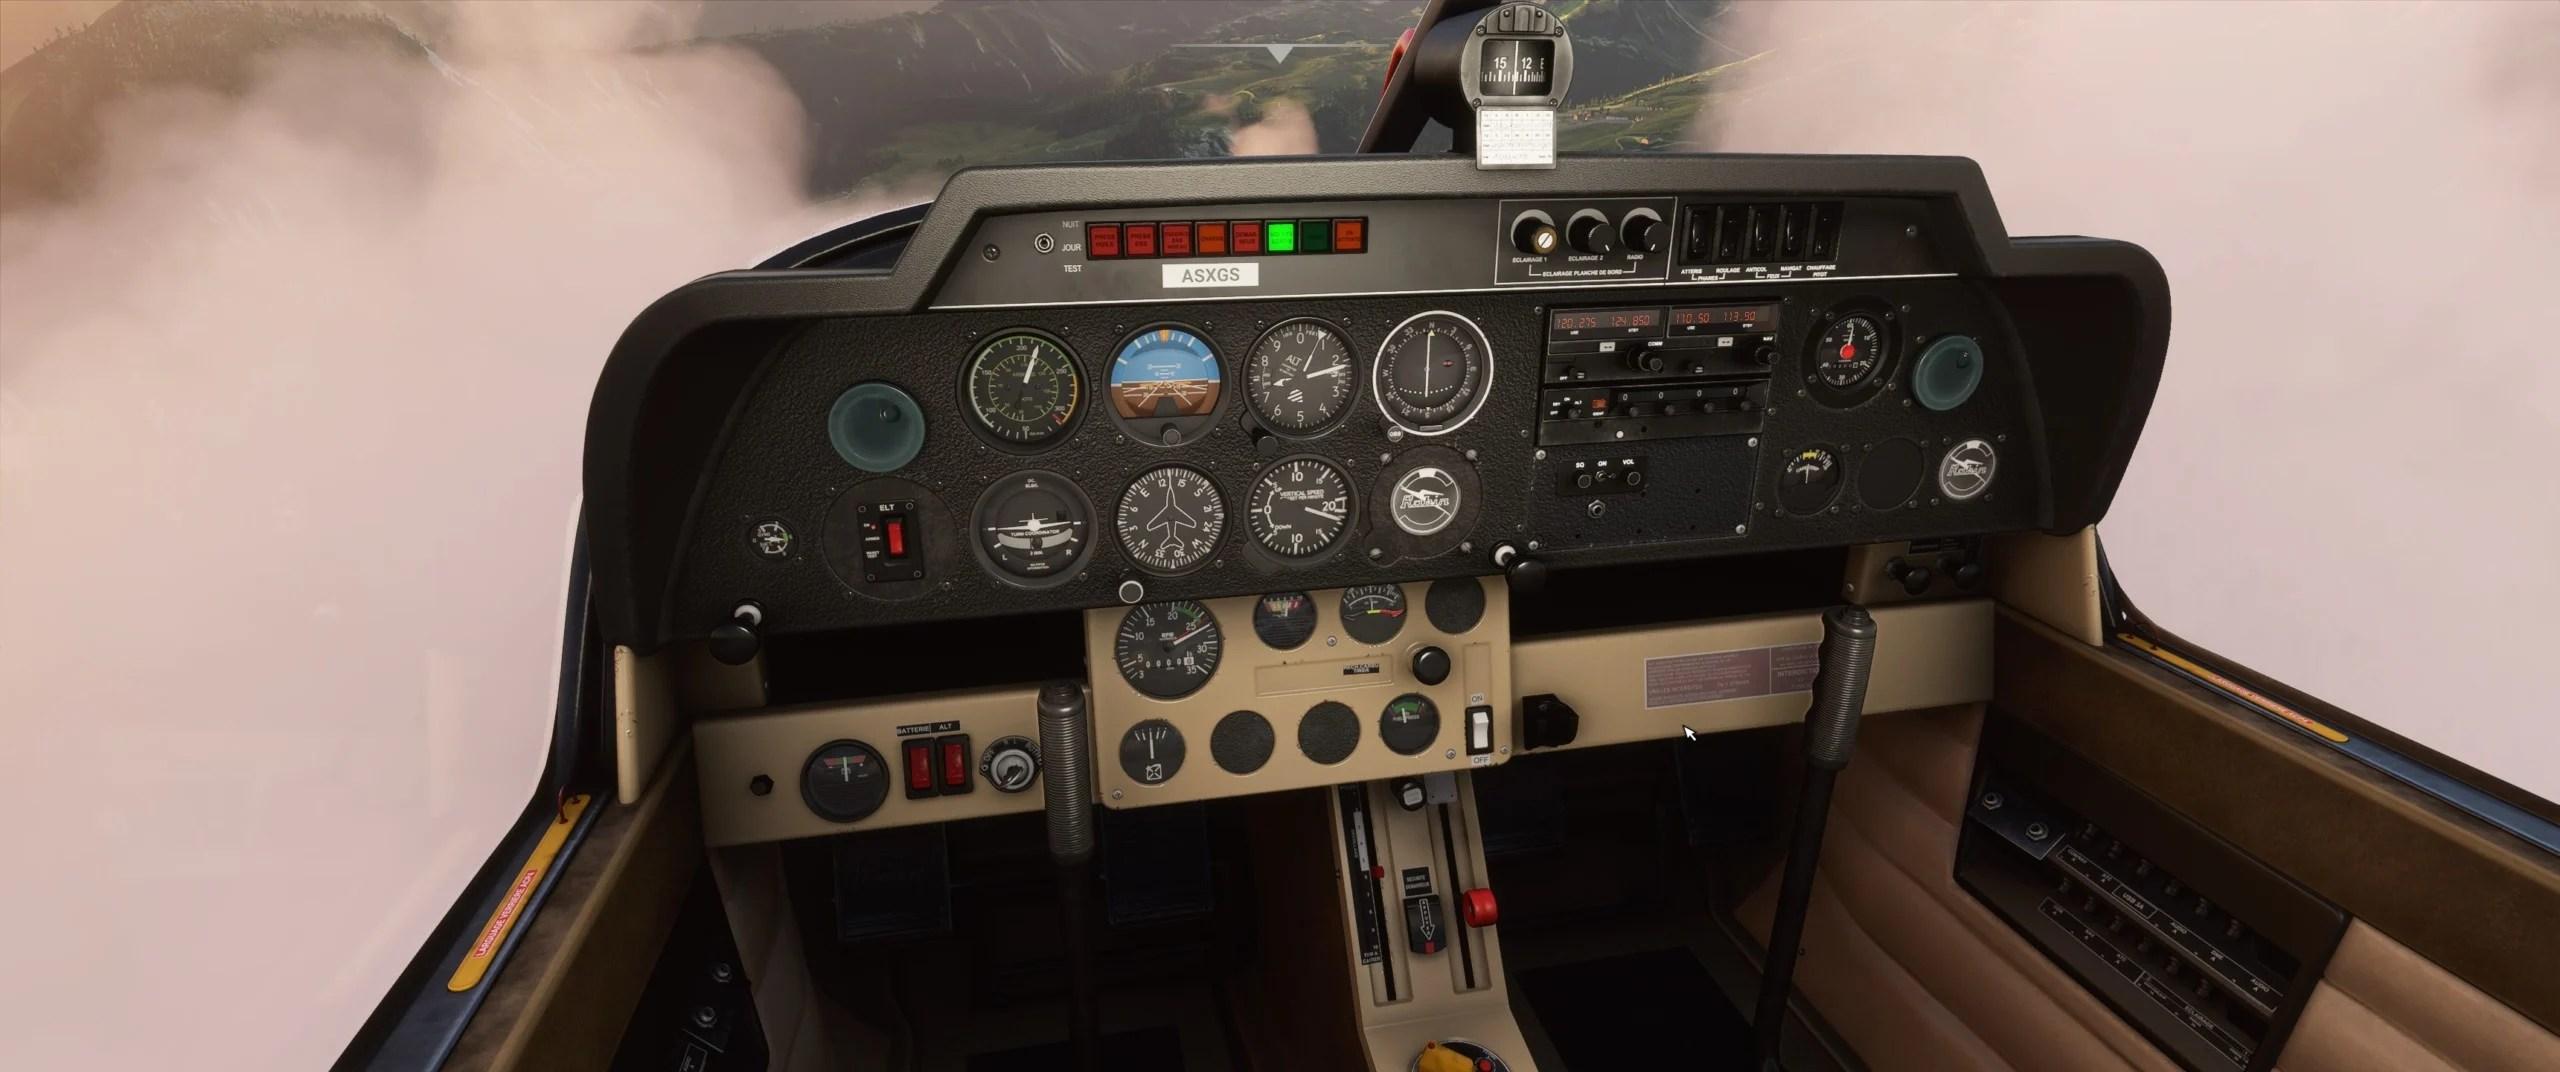 HOTAS, yokes et palonniers : les meilleurs accessoires pour Flight Simulator